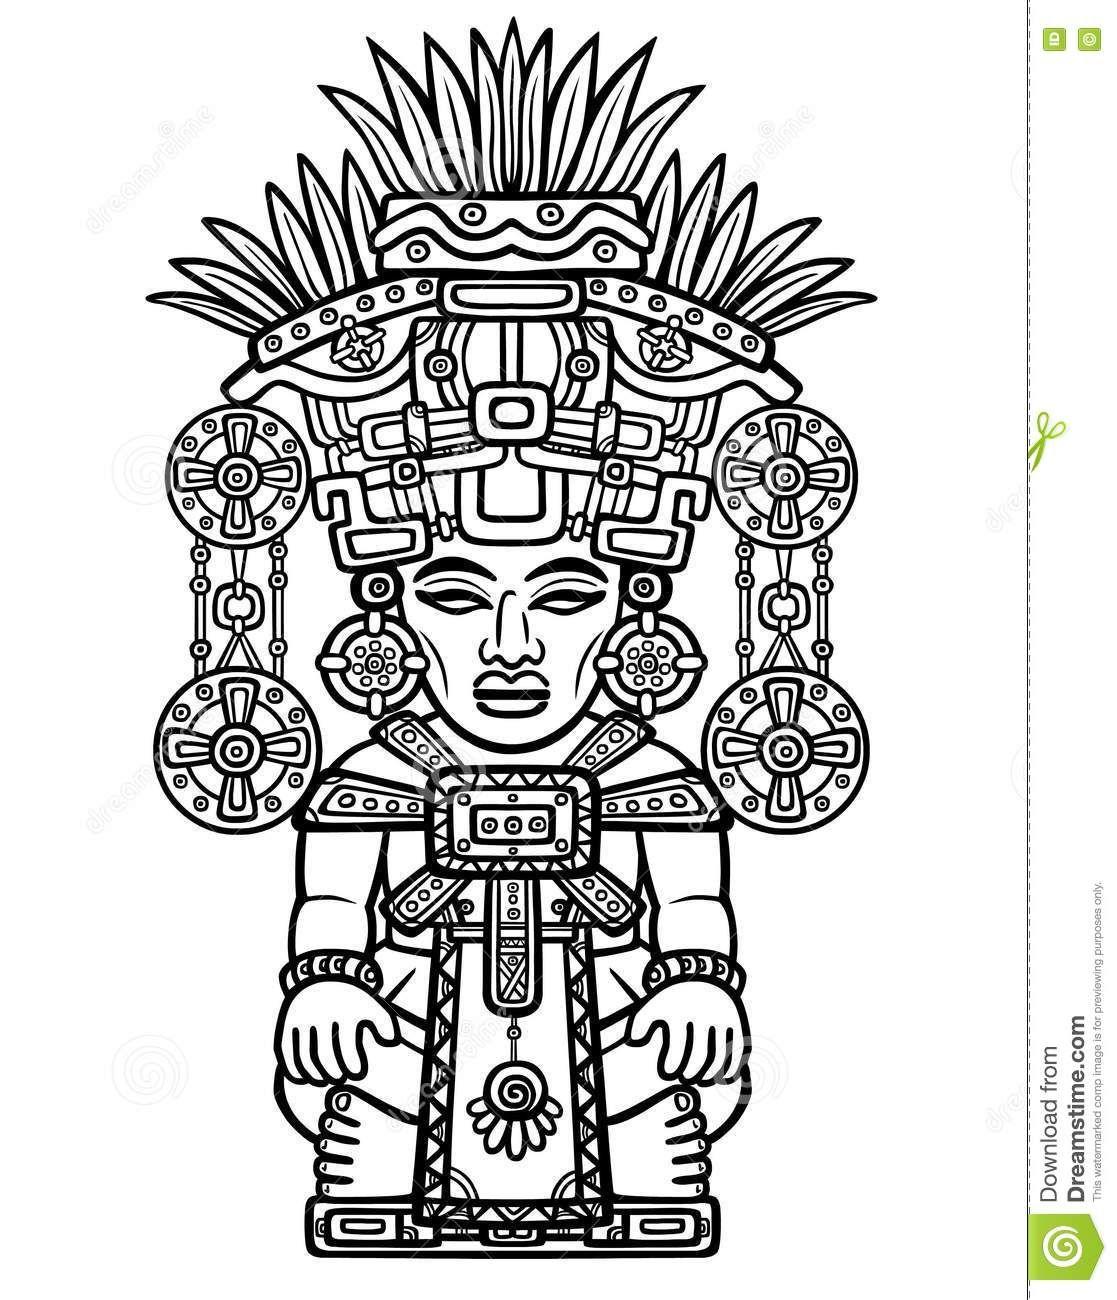 dibujo linear imagen decorativa de una deidad india motivos del